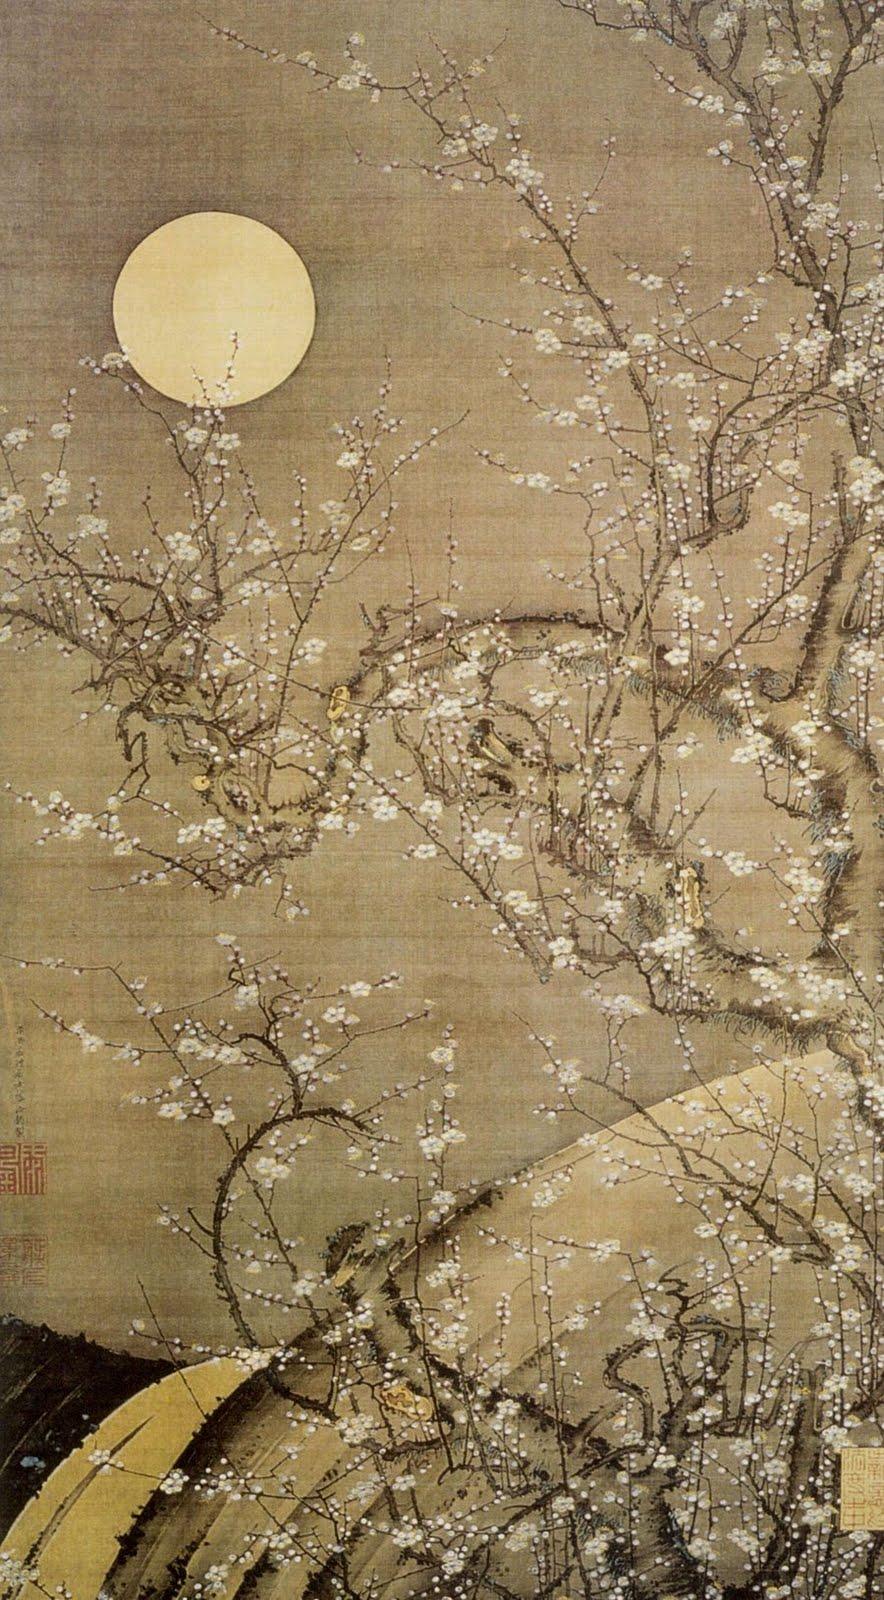 http://1.bp.blogspot.com/-KJQL_IPxQBc/ThM_7TX-x1I/AAAAAAAAAP0/nRWYQW_b4qc/s1600/Japanese_Traditional_Art_16_MoonyKitten.jpg